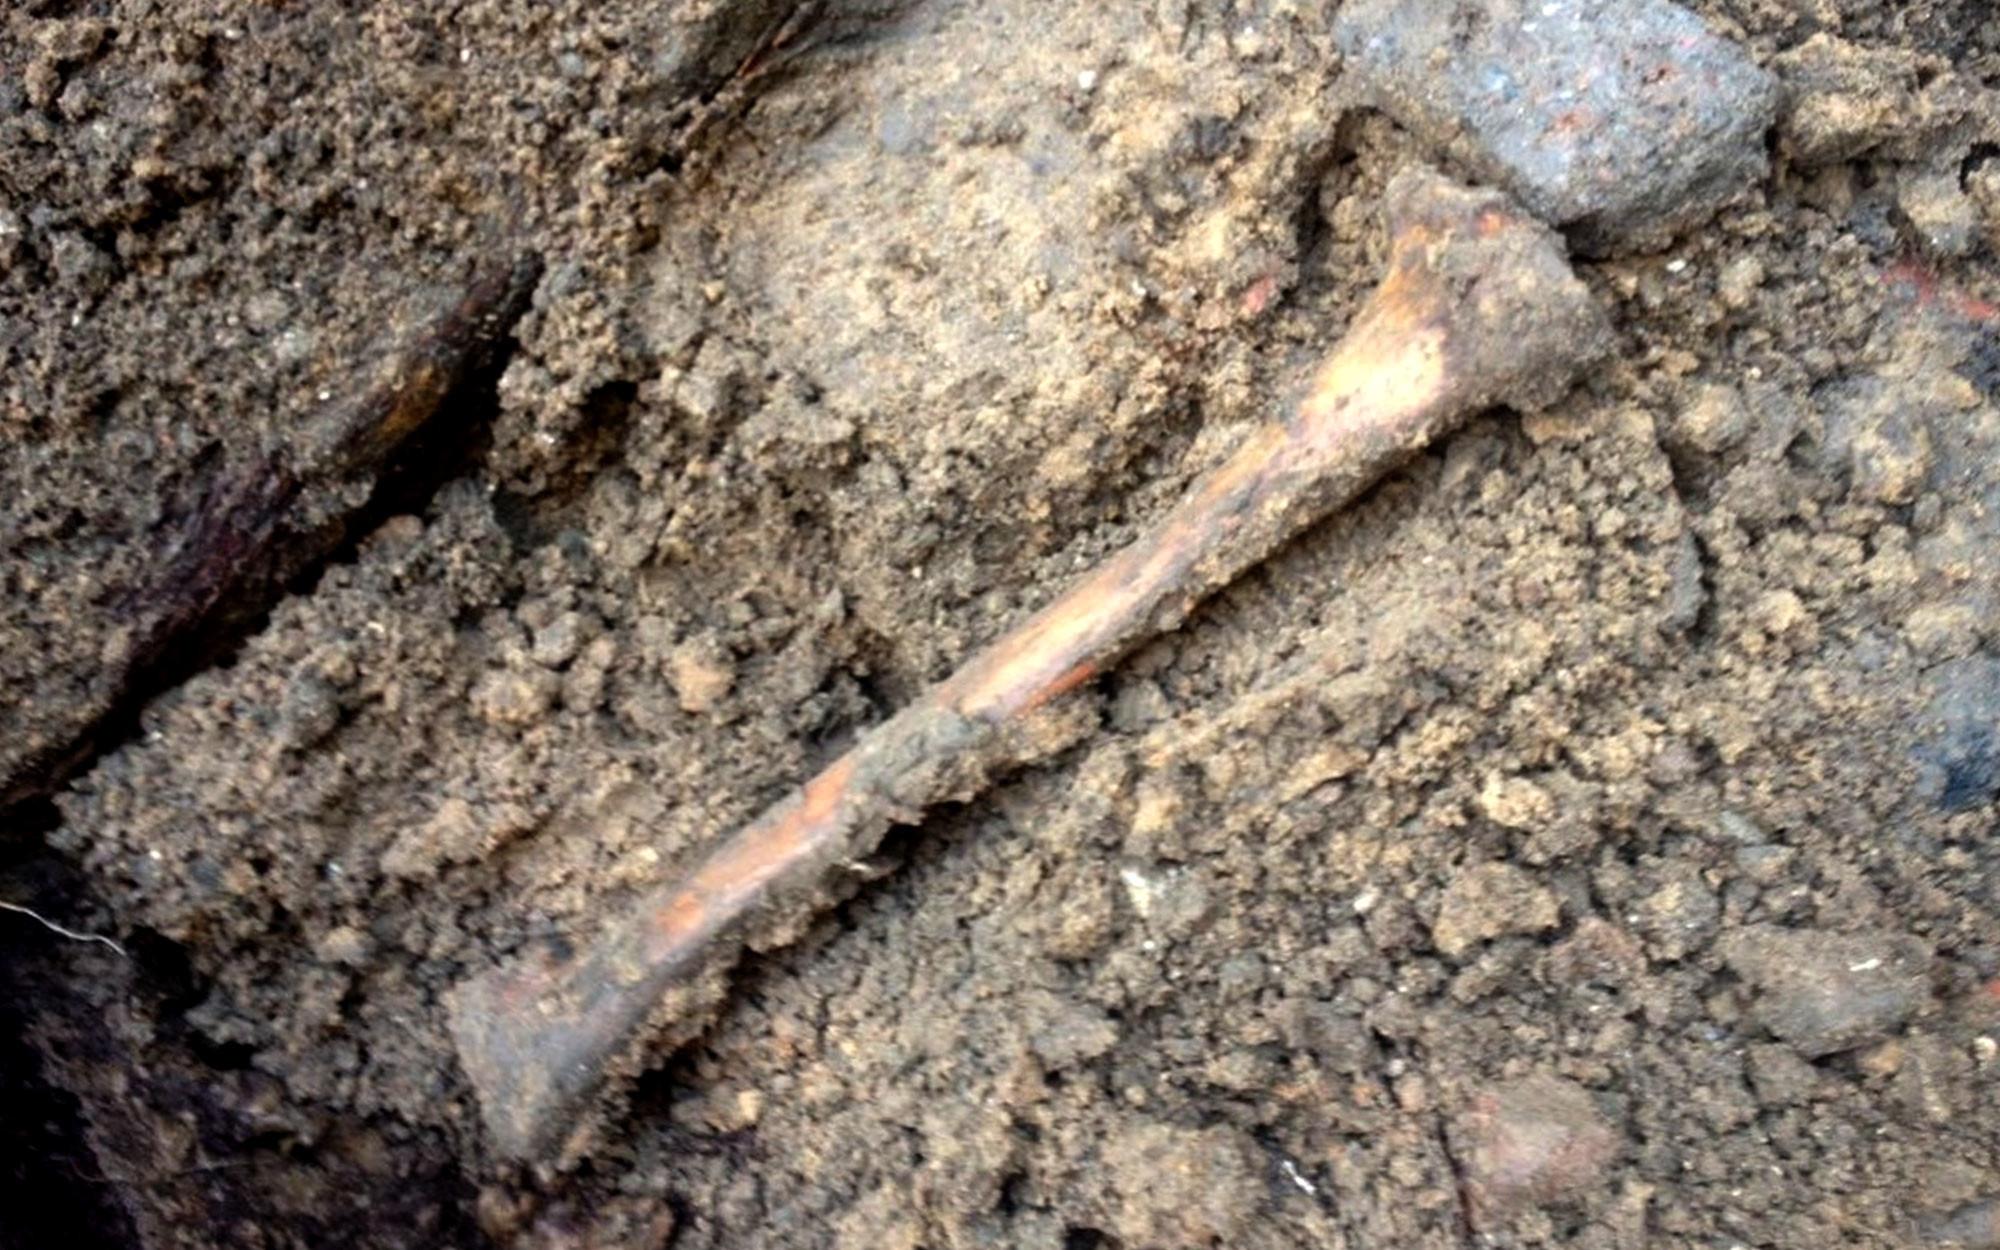 Человеческие останки, обнаруженные на месте строительных работ. Фото:© L!FE / Сергей Карнаухов